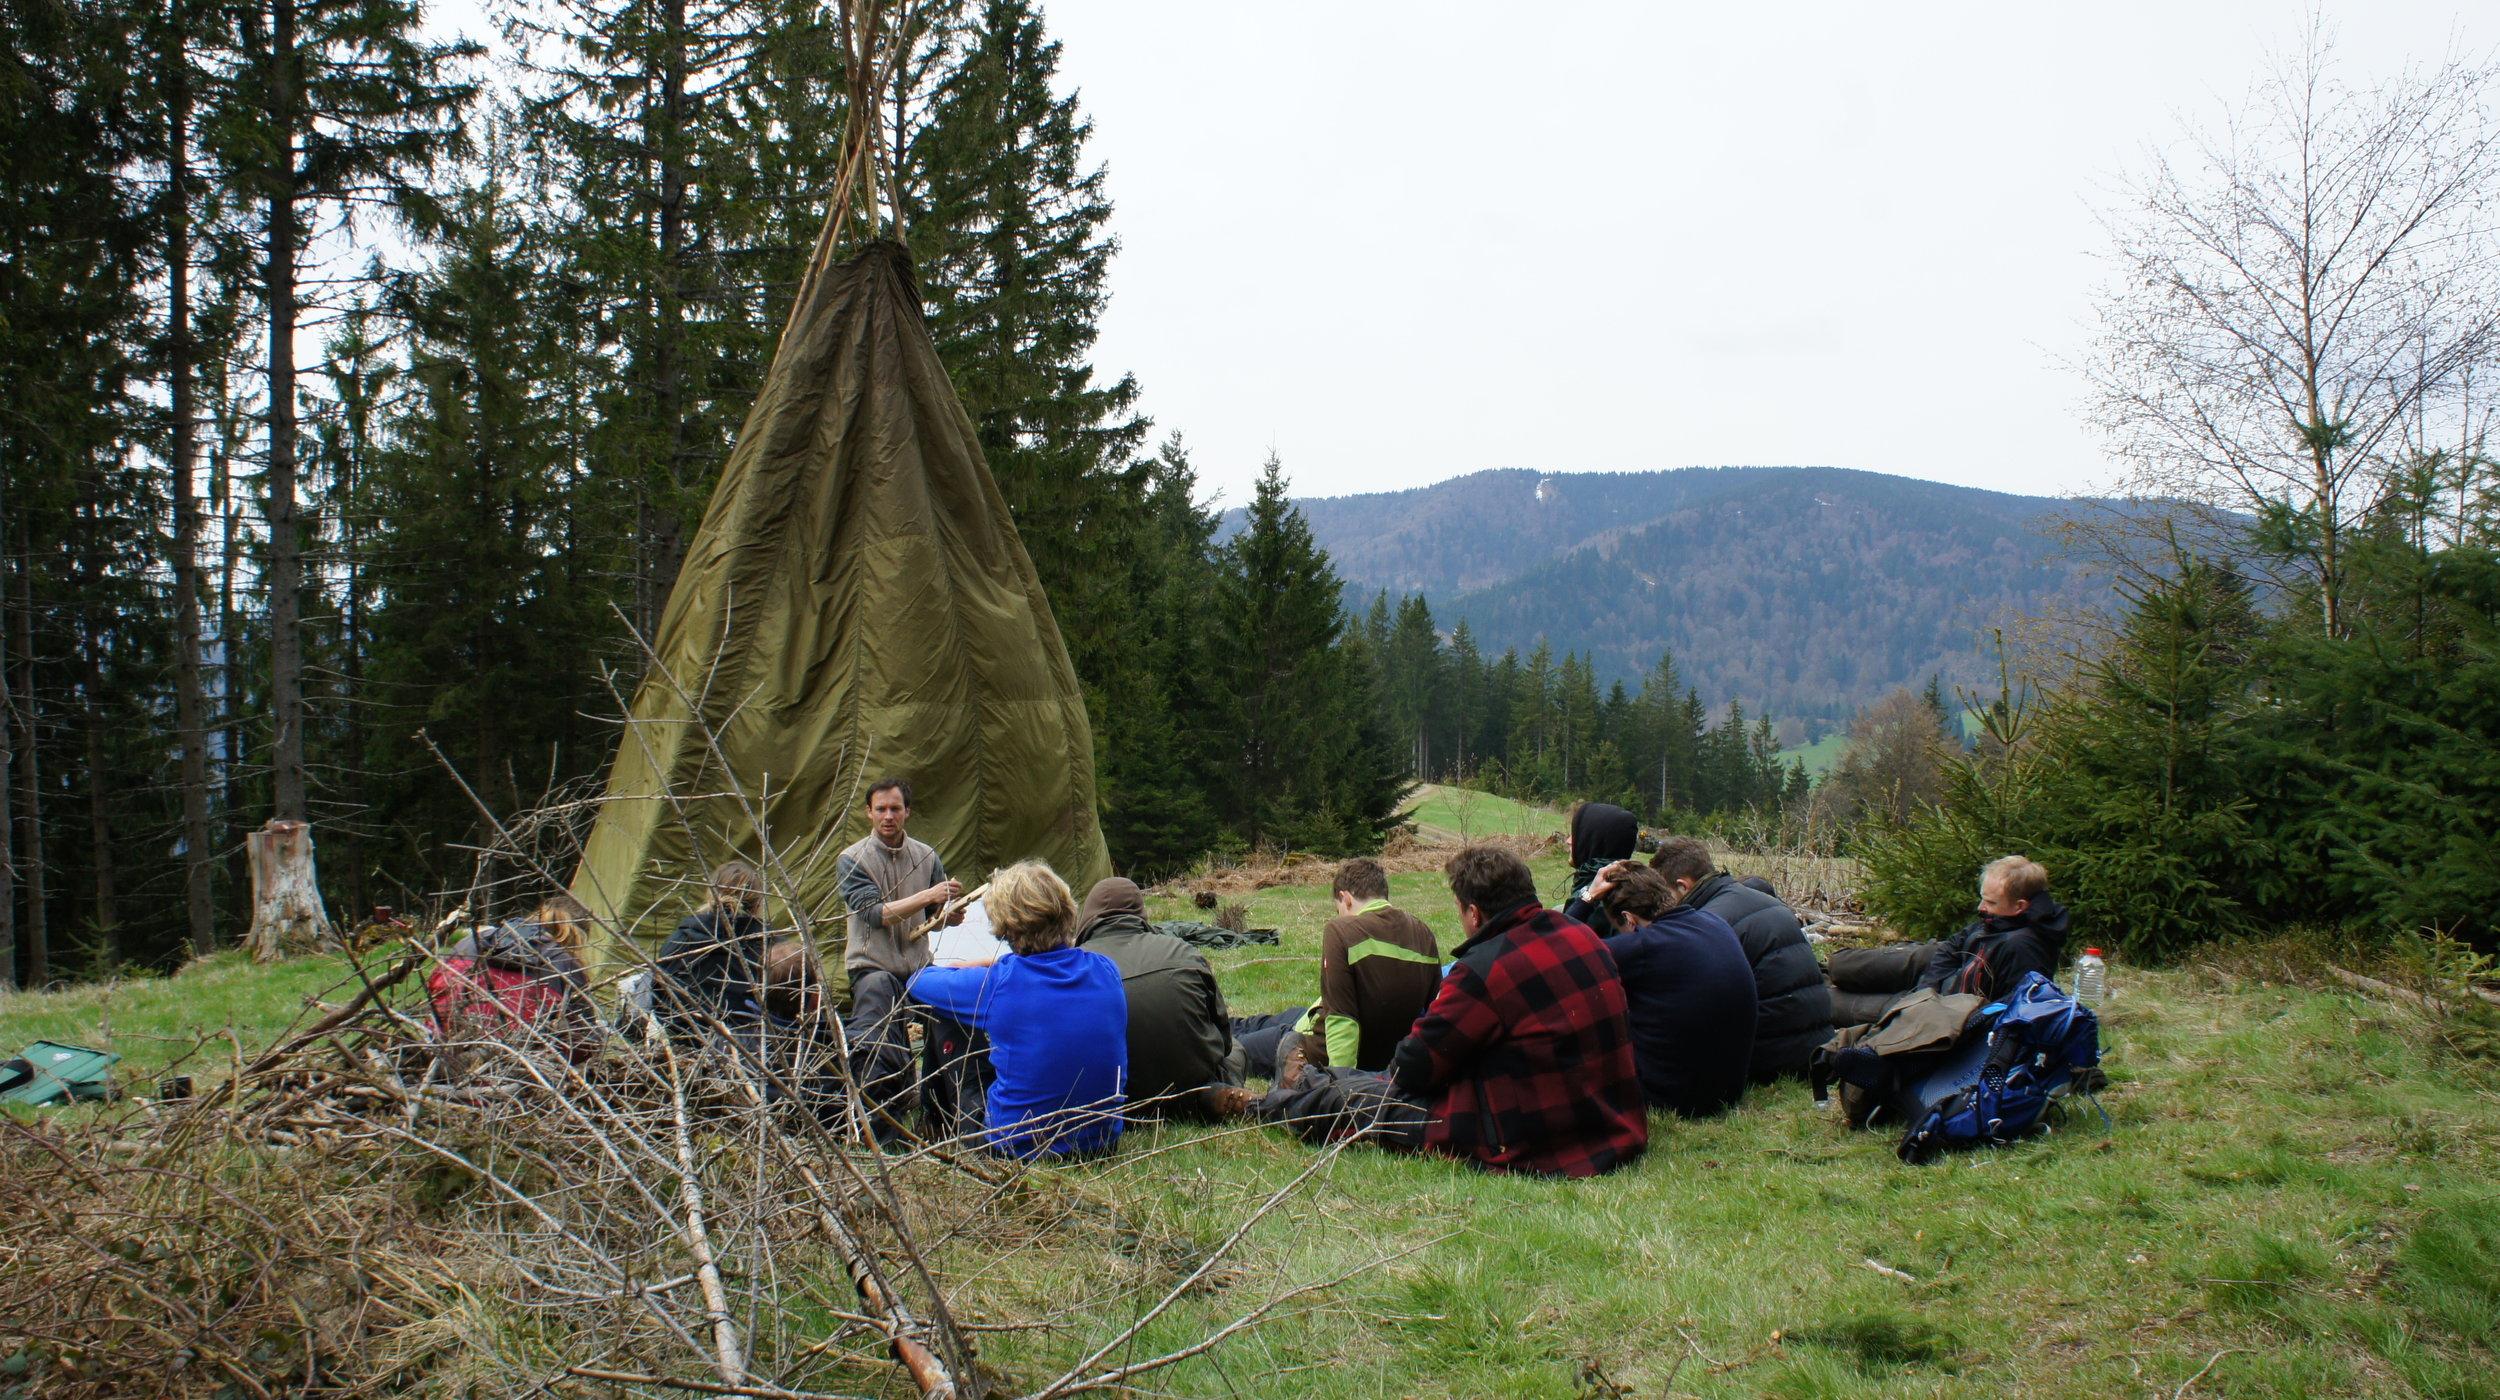 Weiterbildung für Outdoor Guides und Wildnisführer: Instructor Upgrade zum Outdoor und Survival Instructor